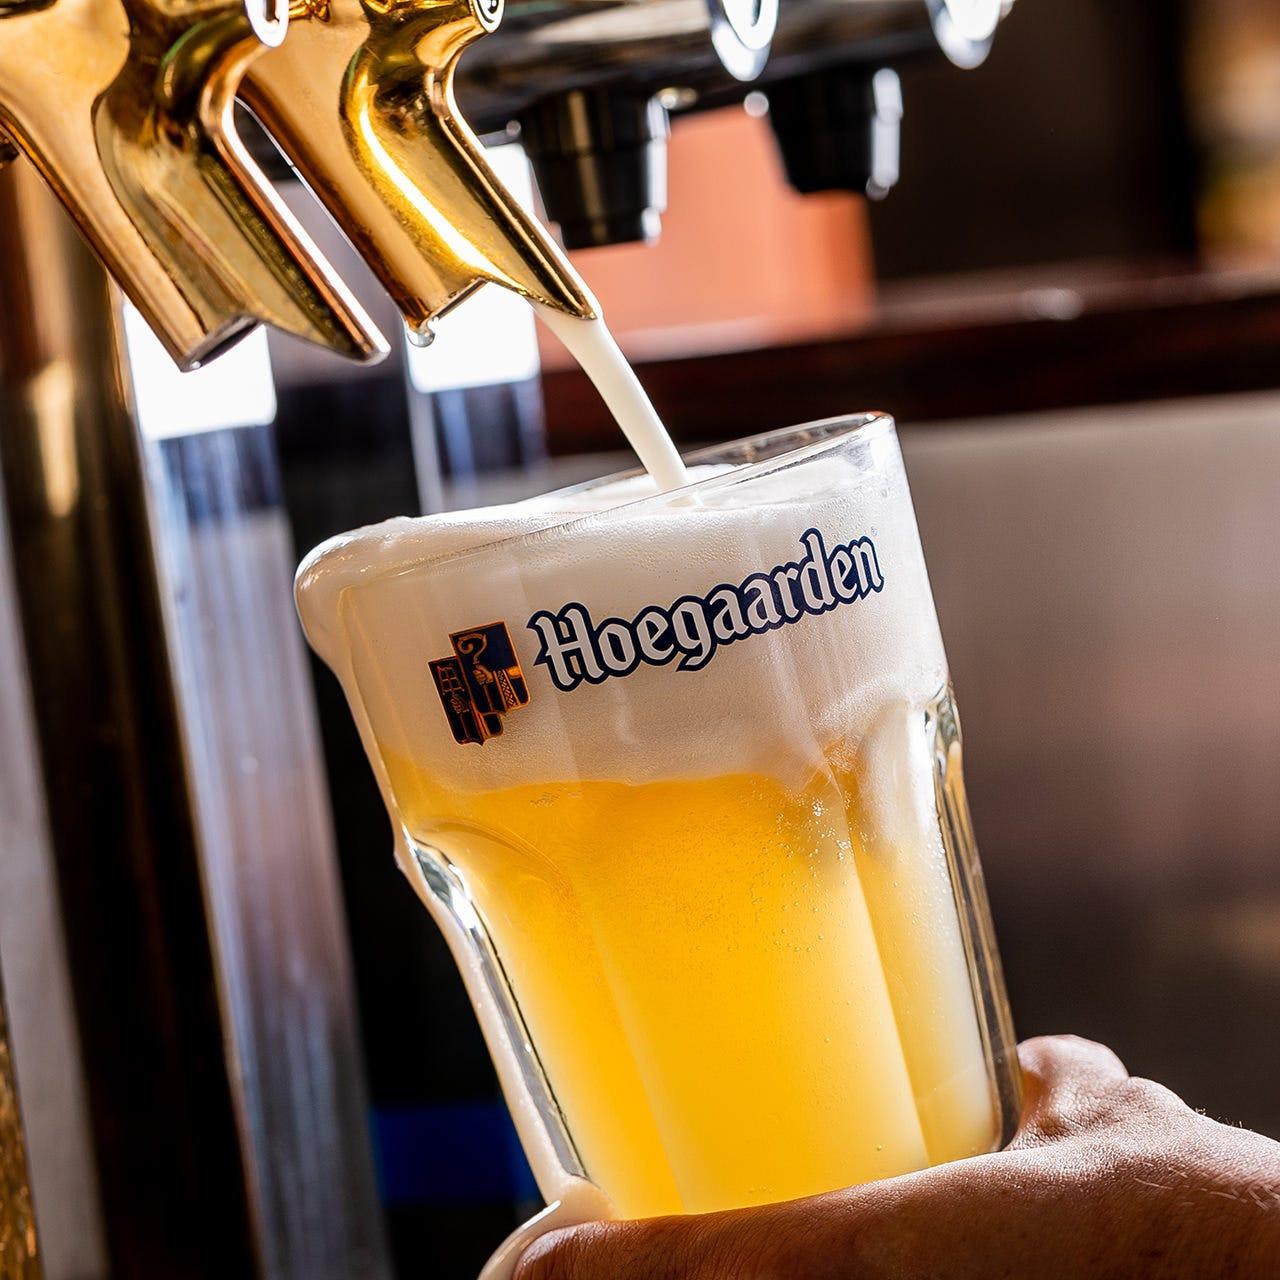 フルーティな味わいが人気の「ヒューガルデン ホワイトビール」